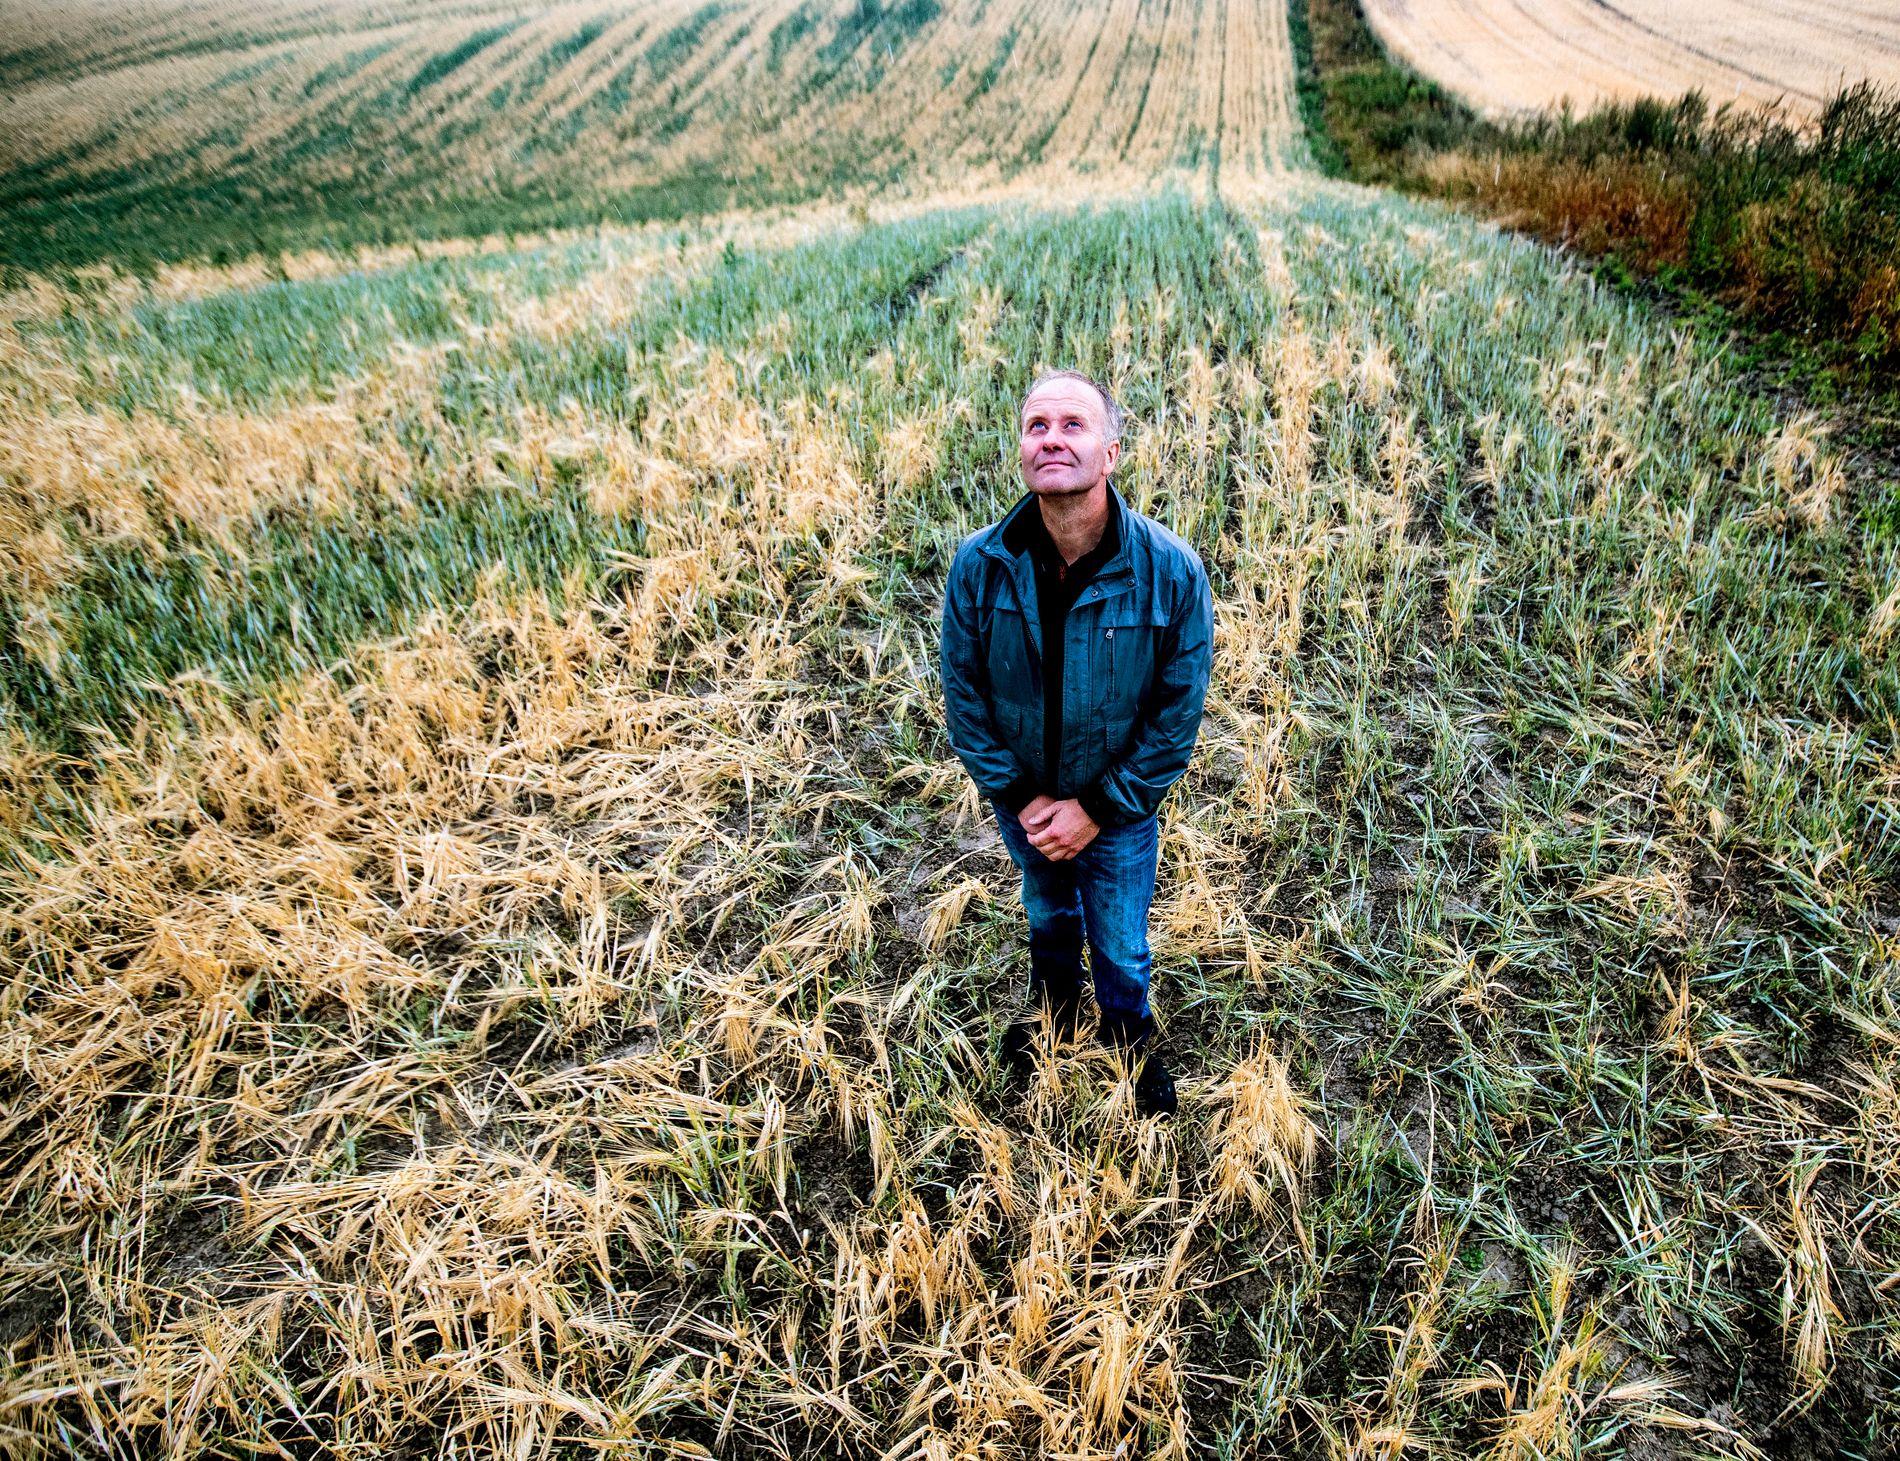 ENDELIG: Kløfta-bonden Lars Egil Lauten har jobbet på spreng i hele sommer for å få nok fôr til kyrne sine. Det har så vidt gått. Her gleder han seg over at det endelig kom litt regn.